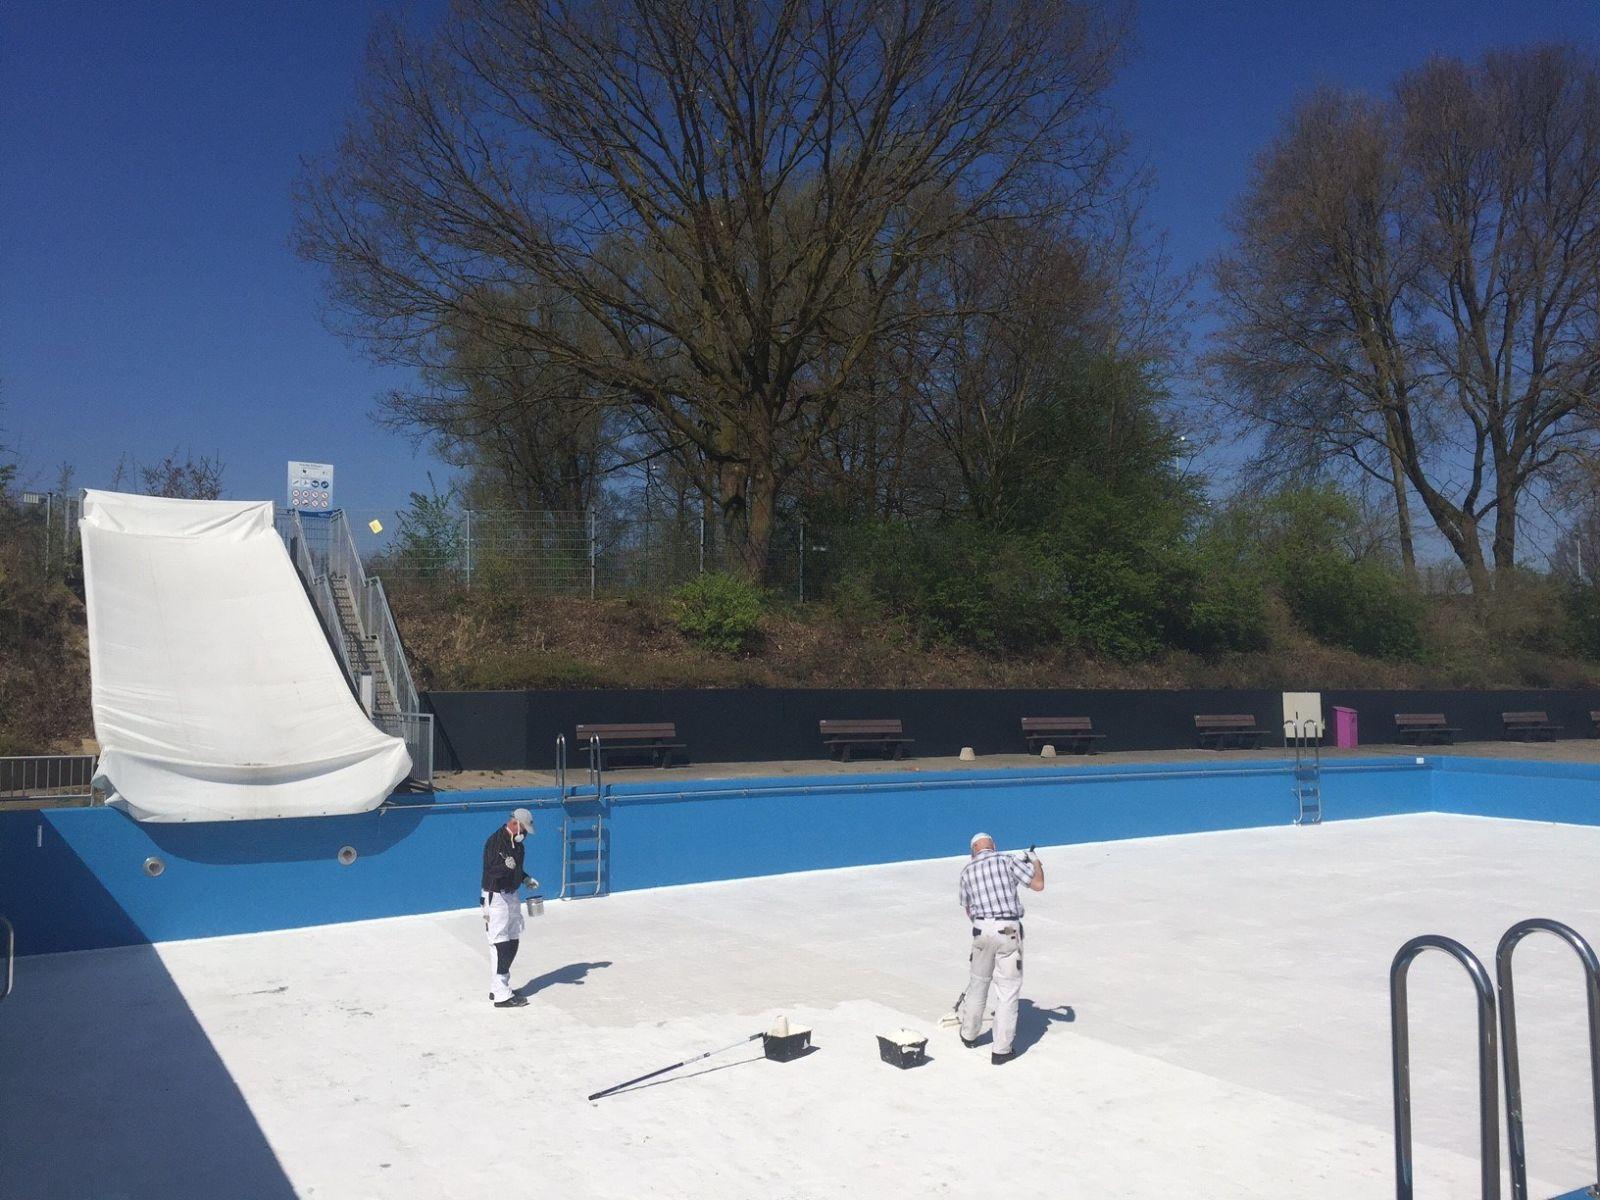 Delden in actie voor NLdoet bij zwembad, kruidentuin en sportcomplexen